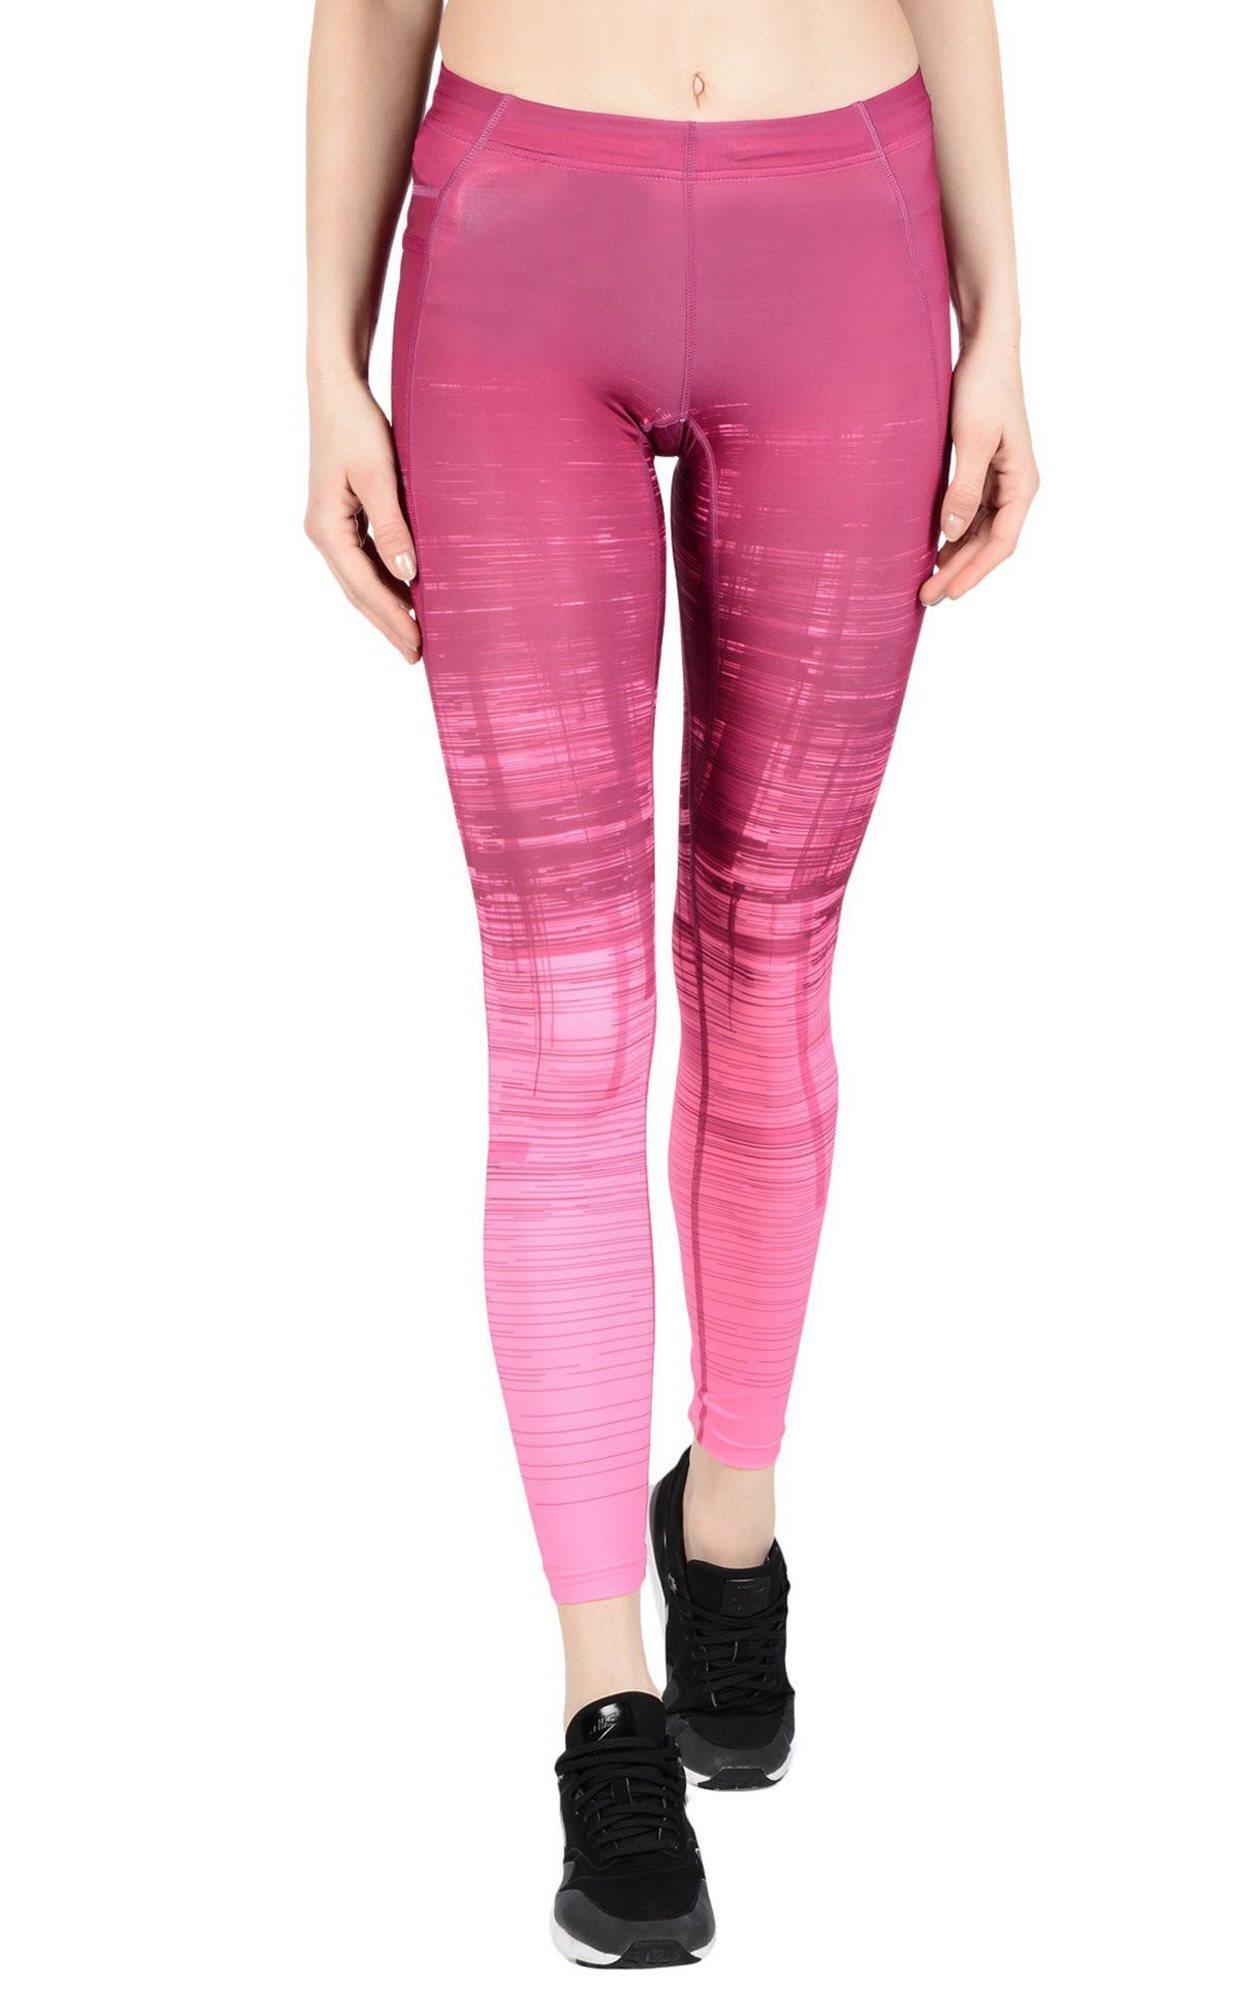 2d76a031fcdd0f Peak Performance rosa tights - M (331149760) ᐈ Köp på Tradera